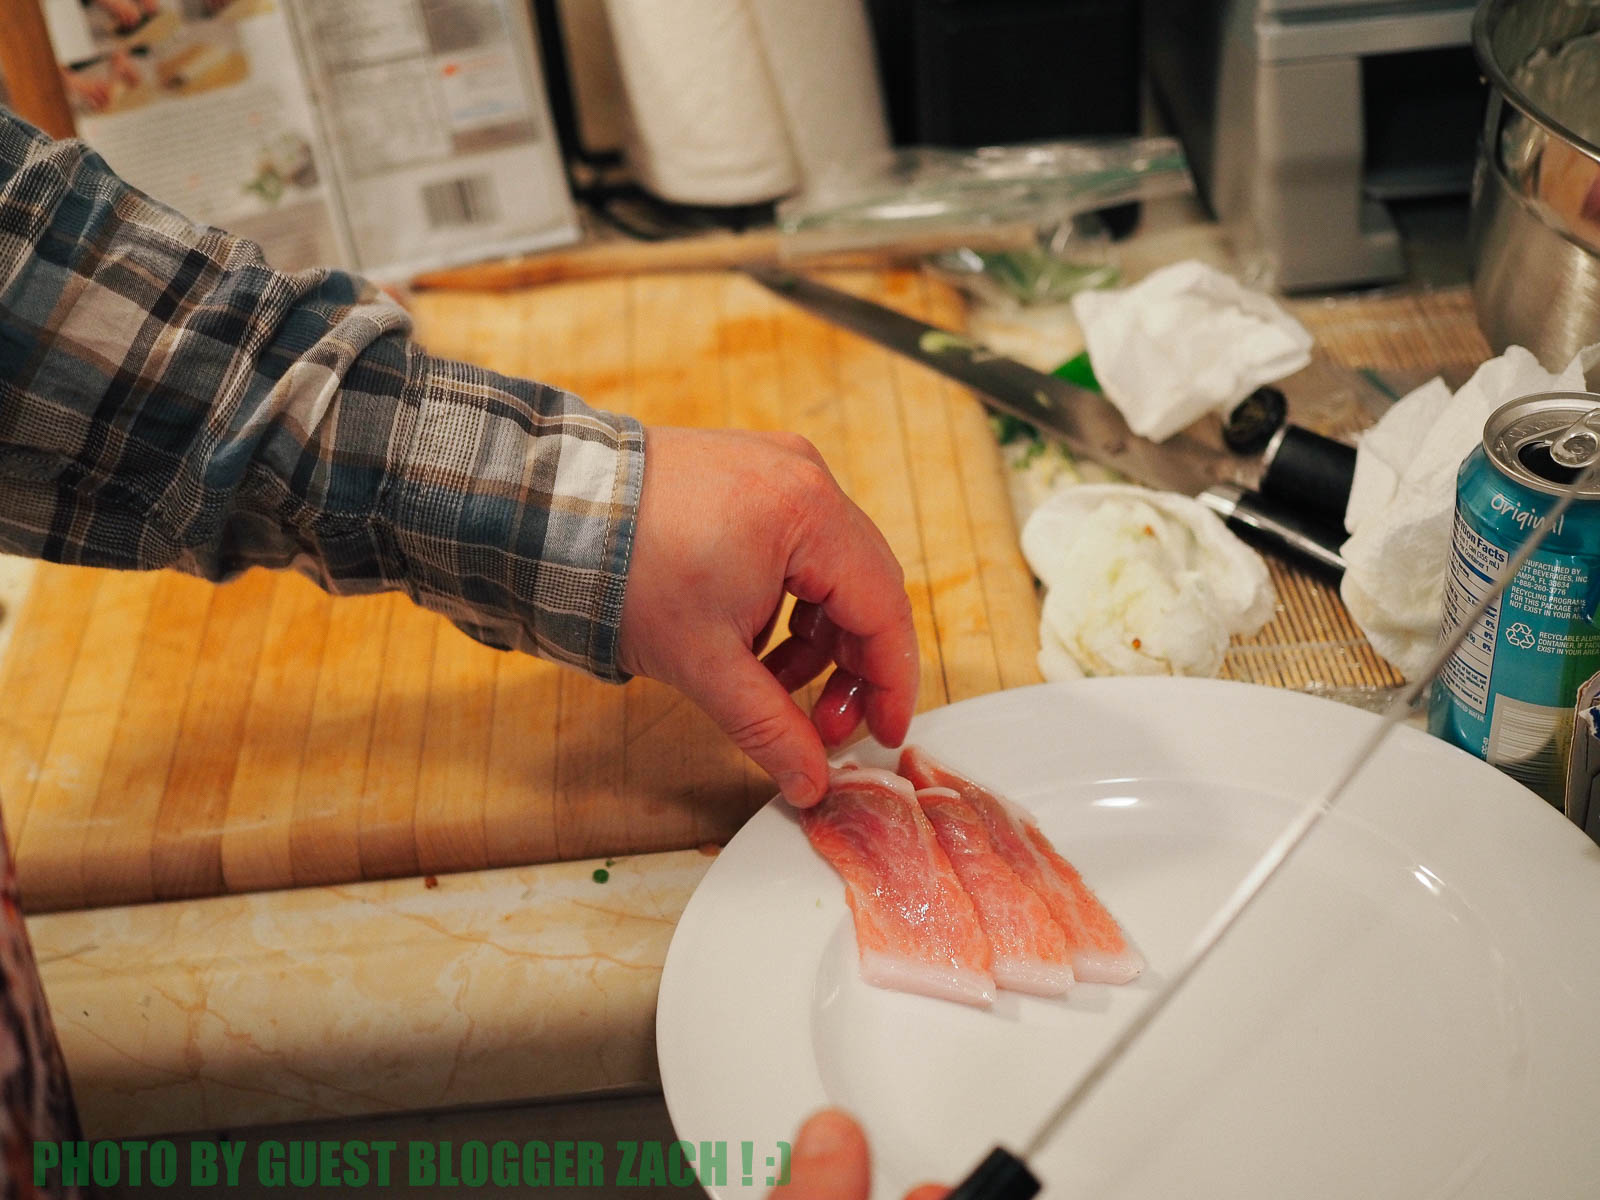 sushi-night-zach-13.jpg